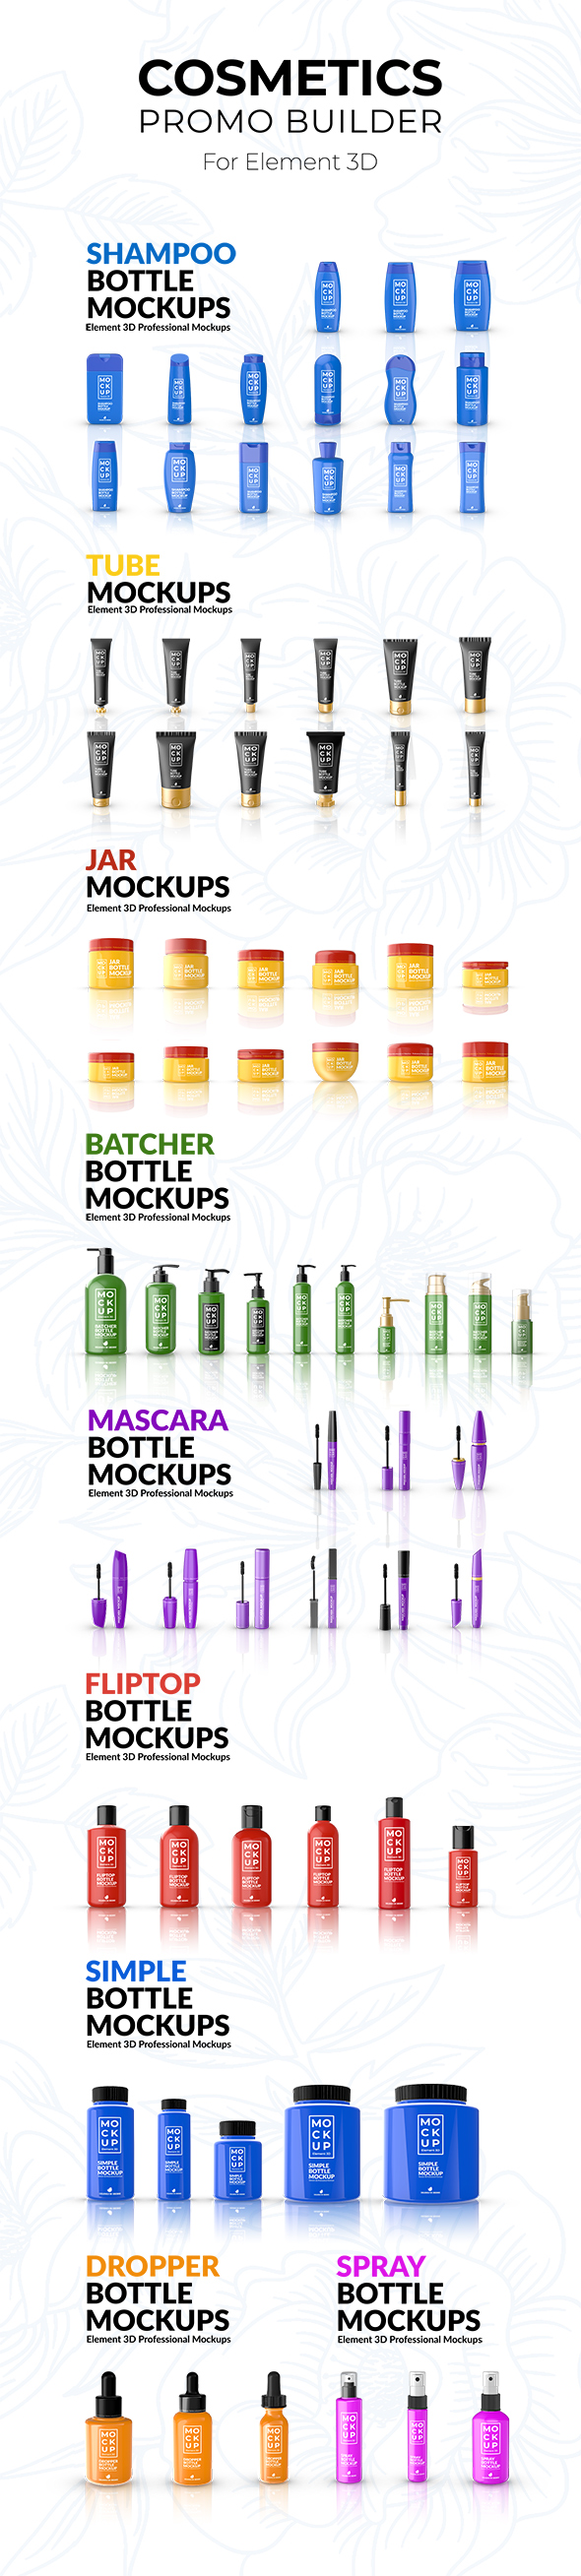 Cosmetics Promo Builder - 6